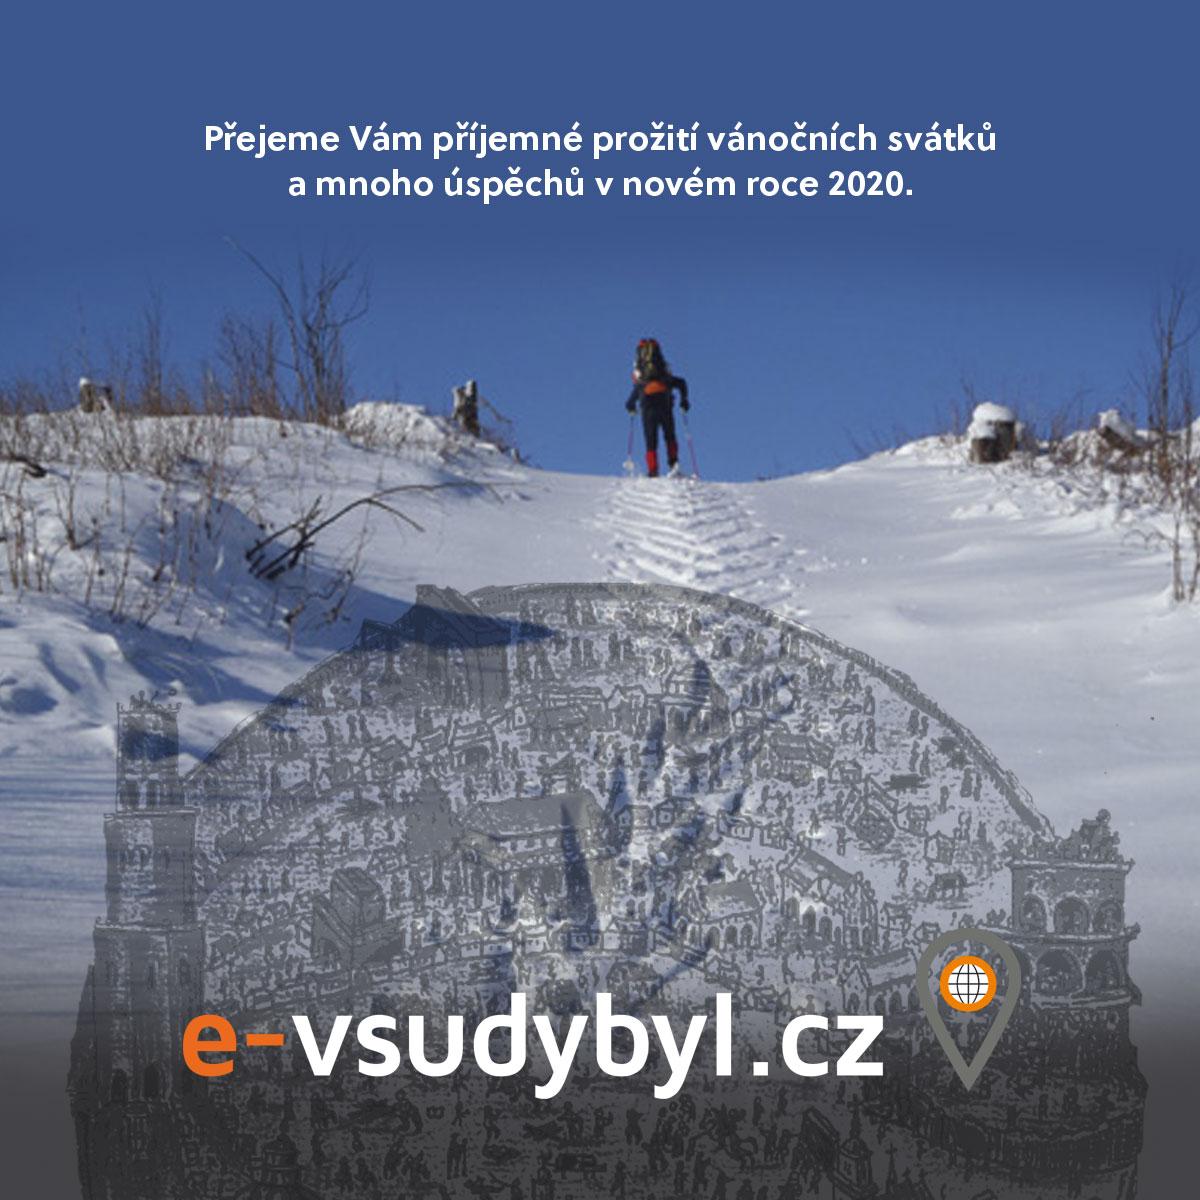 pf2020-evsudybyl_002